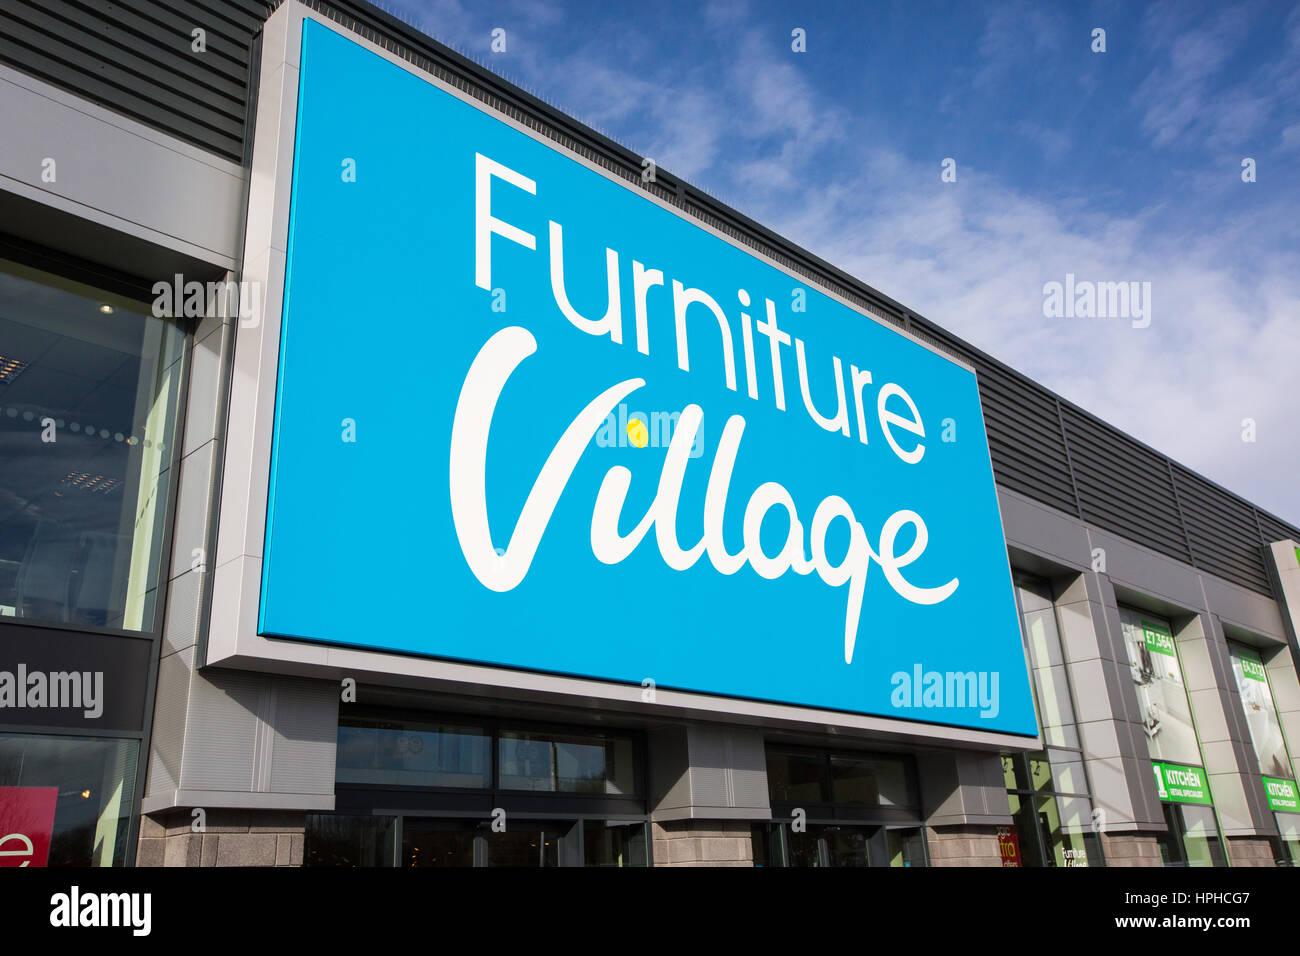 Il villaggio di mobili store esterno, a Roaring Meg retails park, Stevenage Immagini Stock